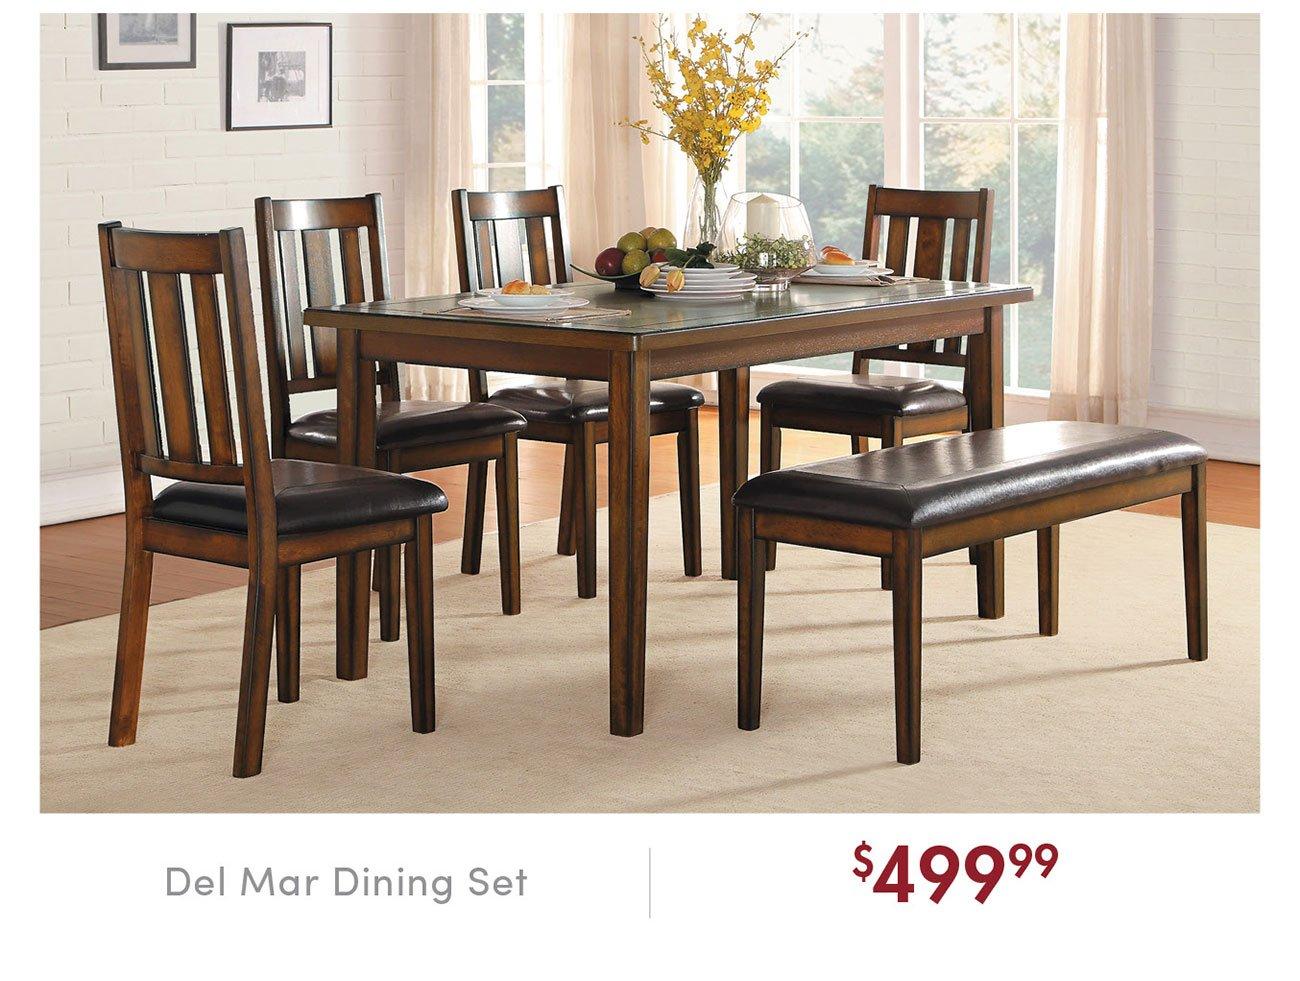 Del-mar-dining-set